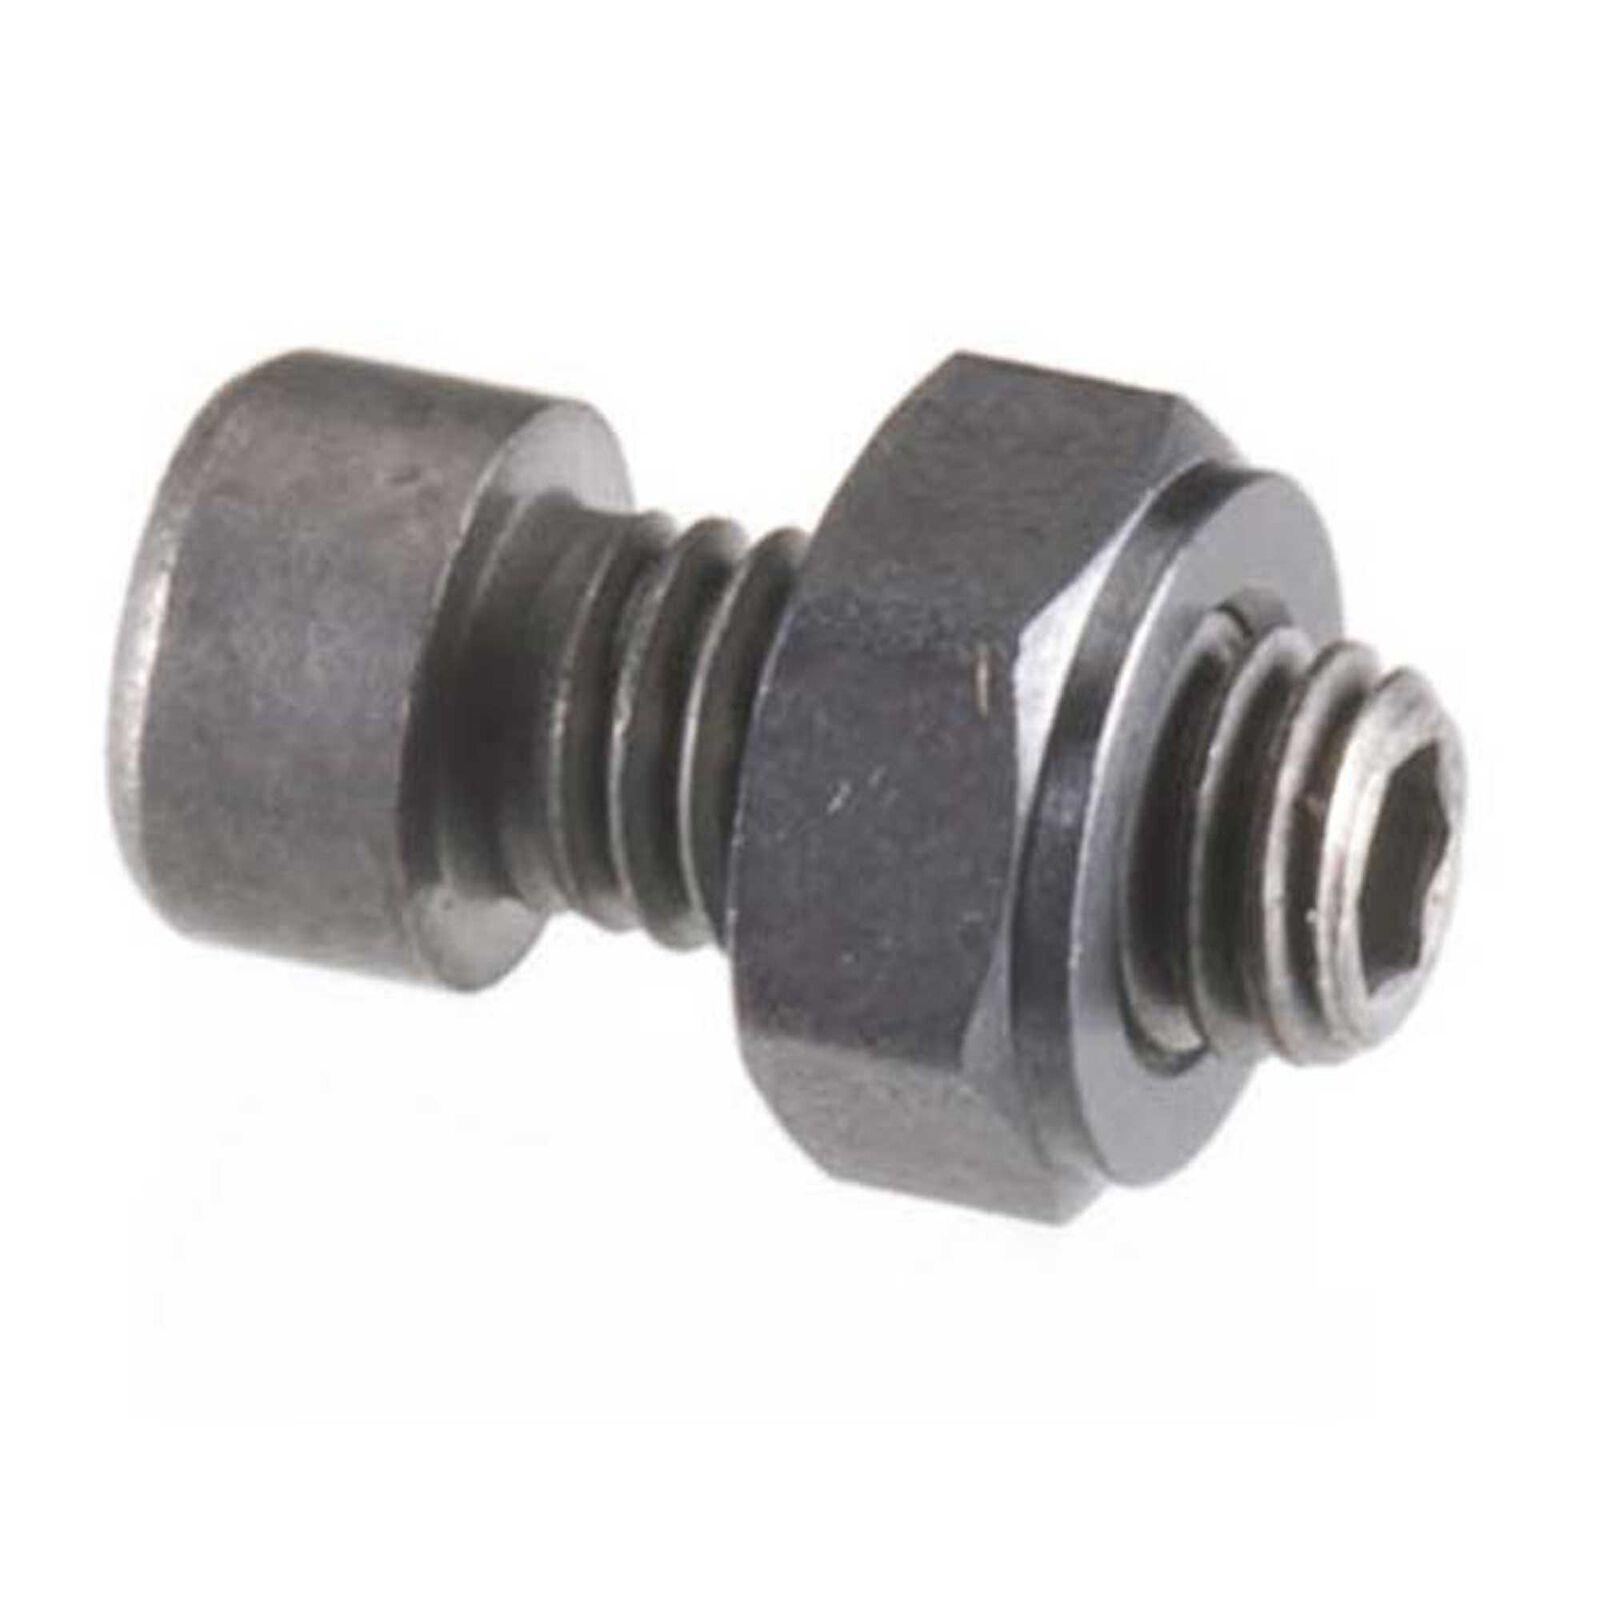 Tappet Screw: FS-20 48